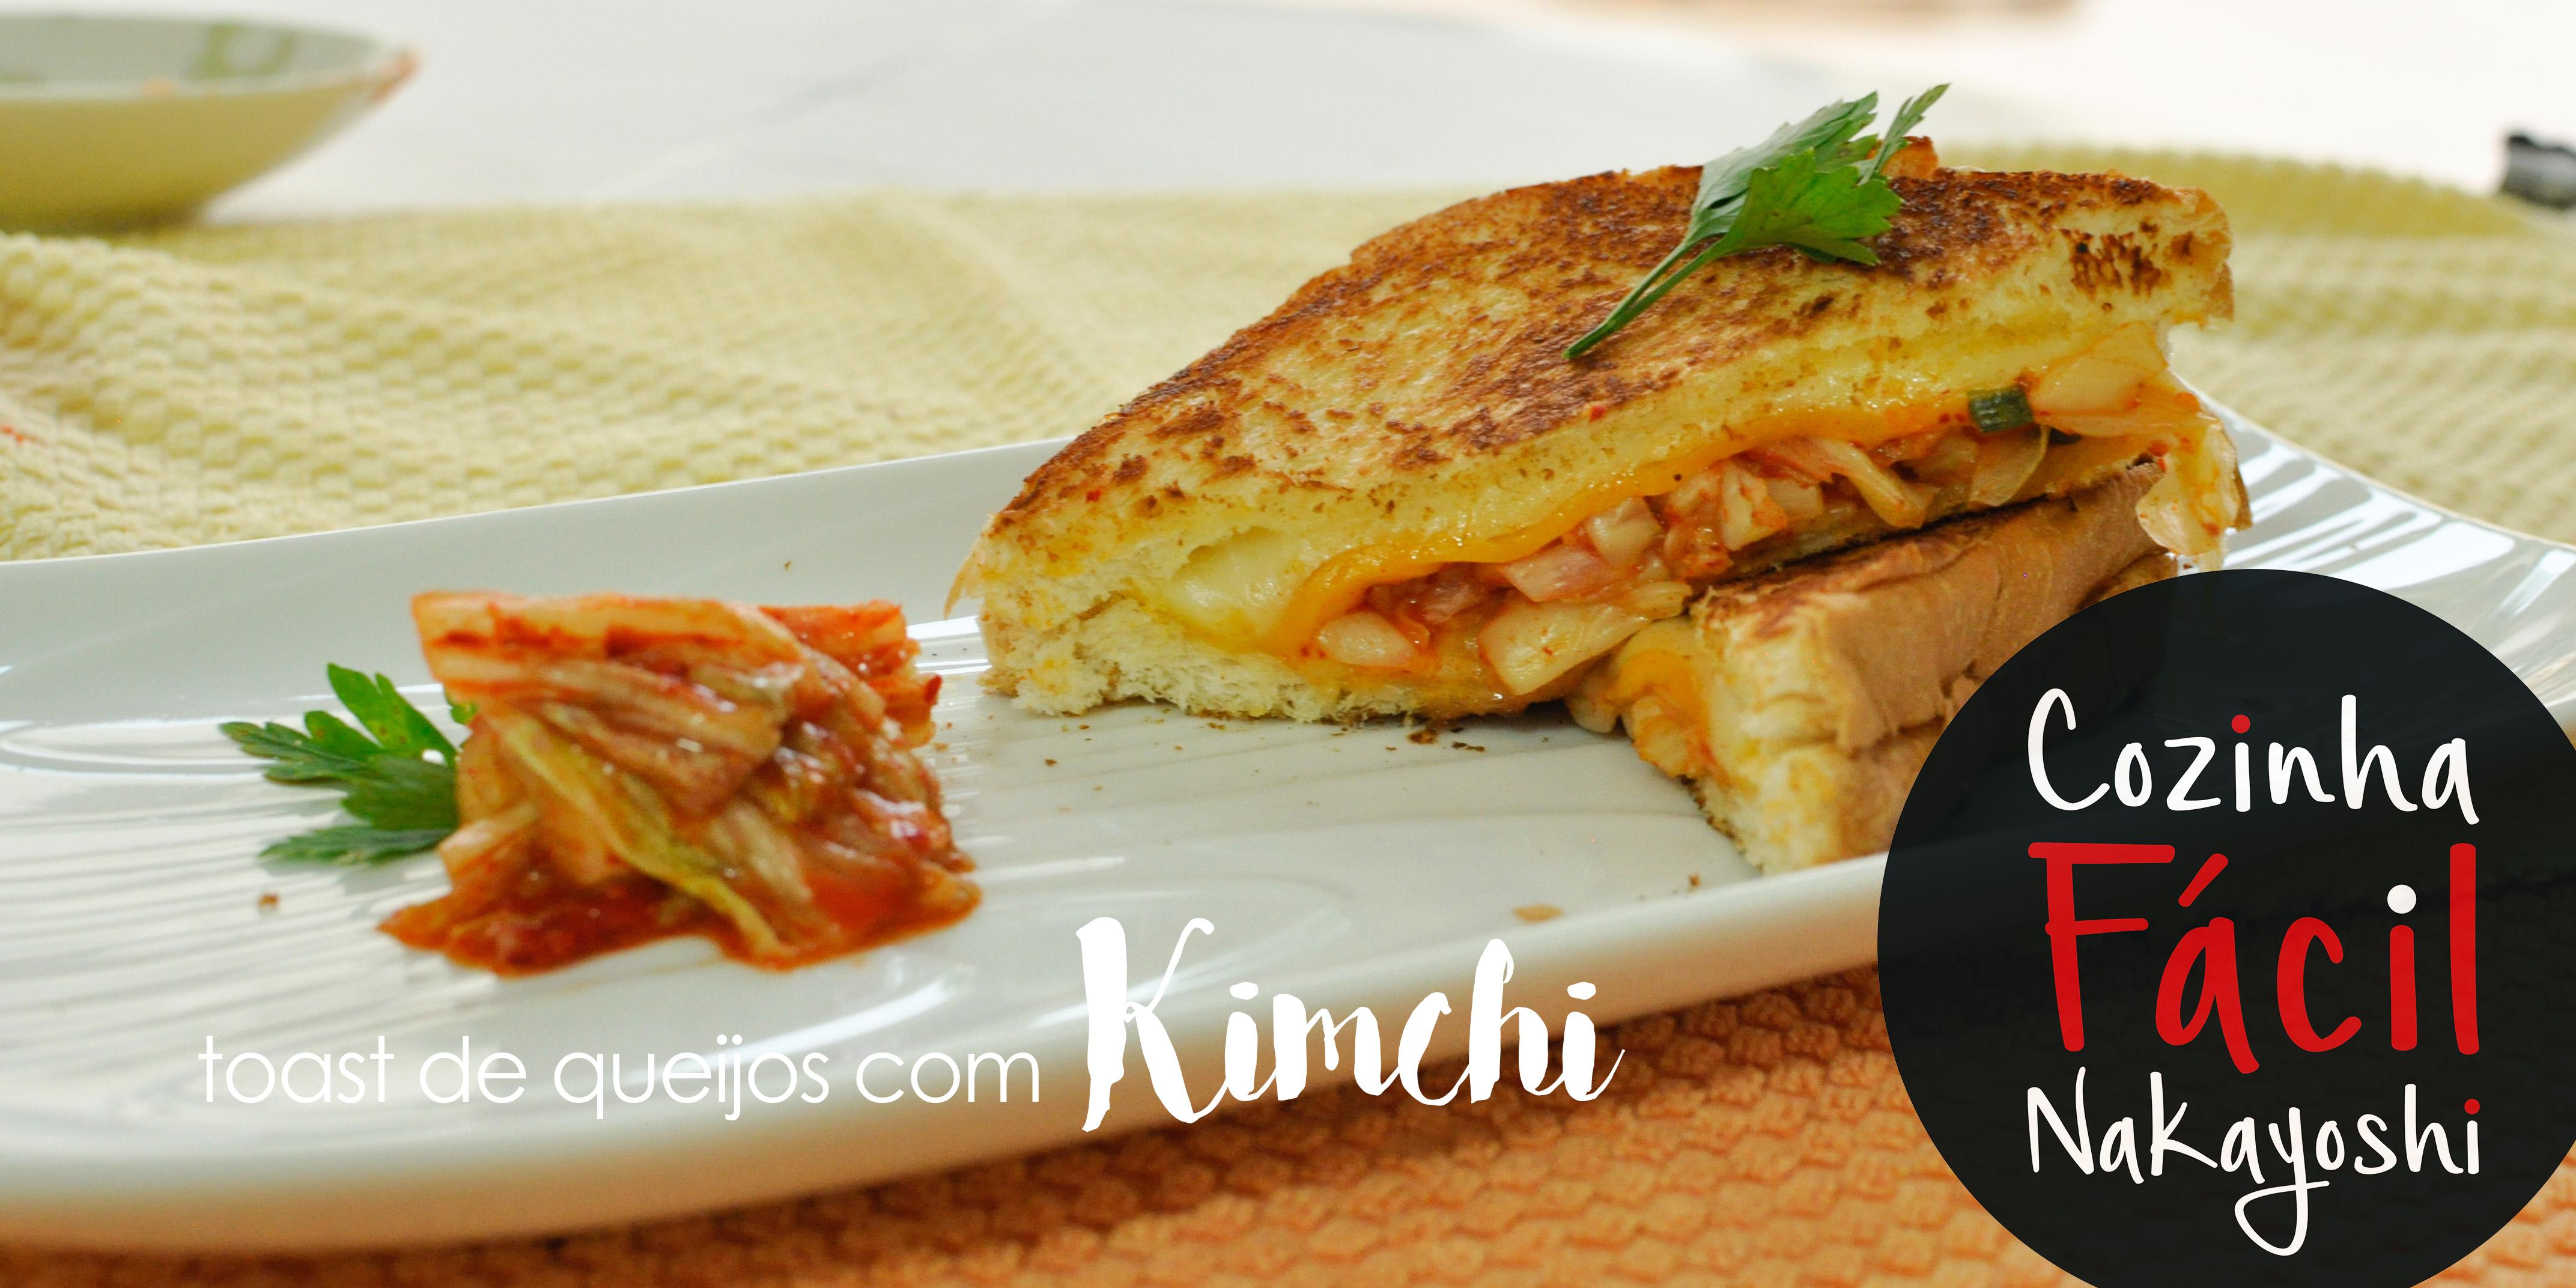 Toast de queijos e Kimchi | Cozinha Fácil Nakayoshi #23